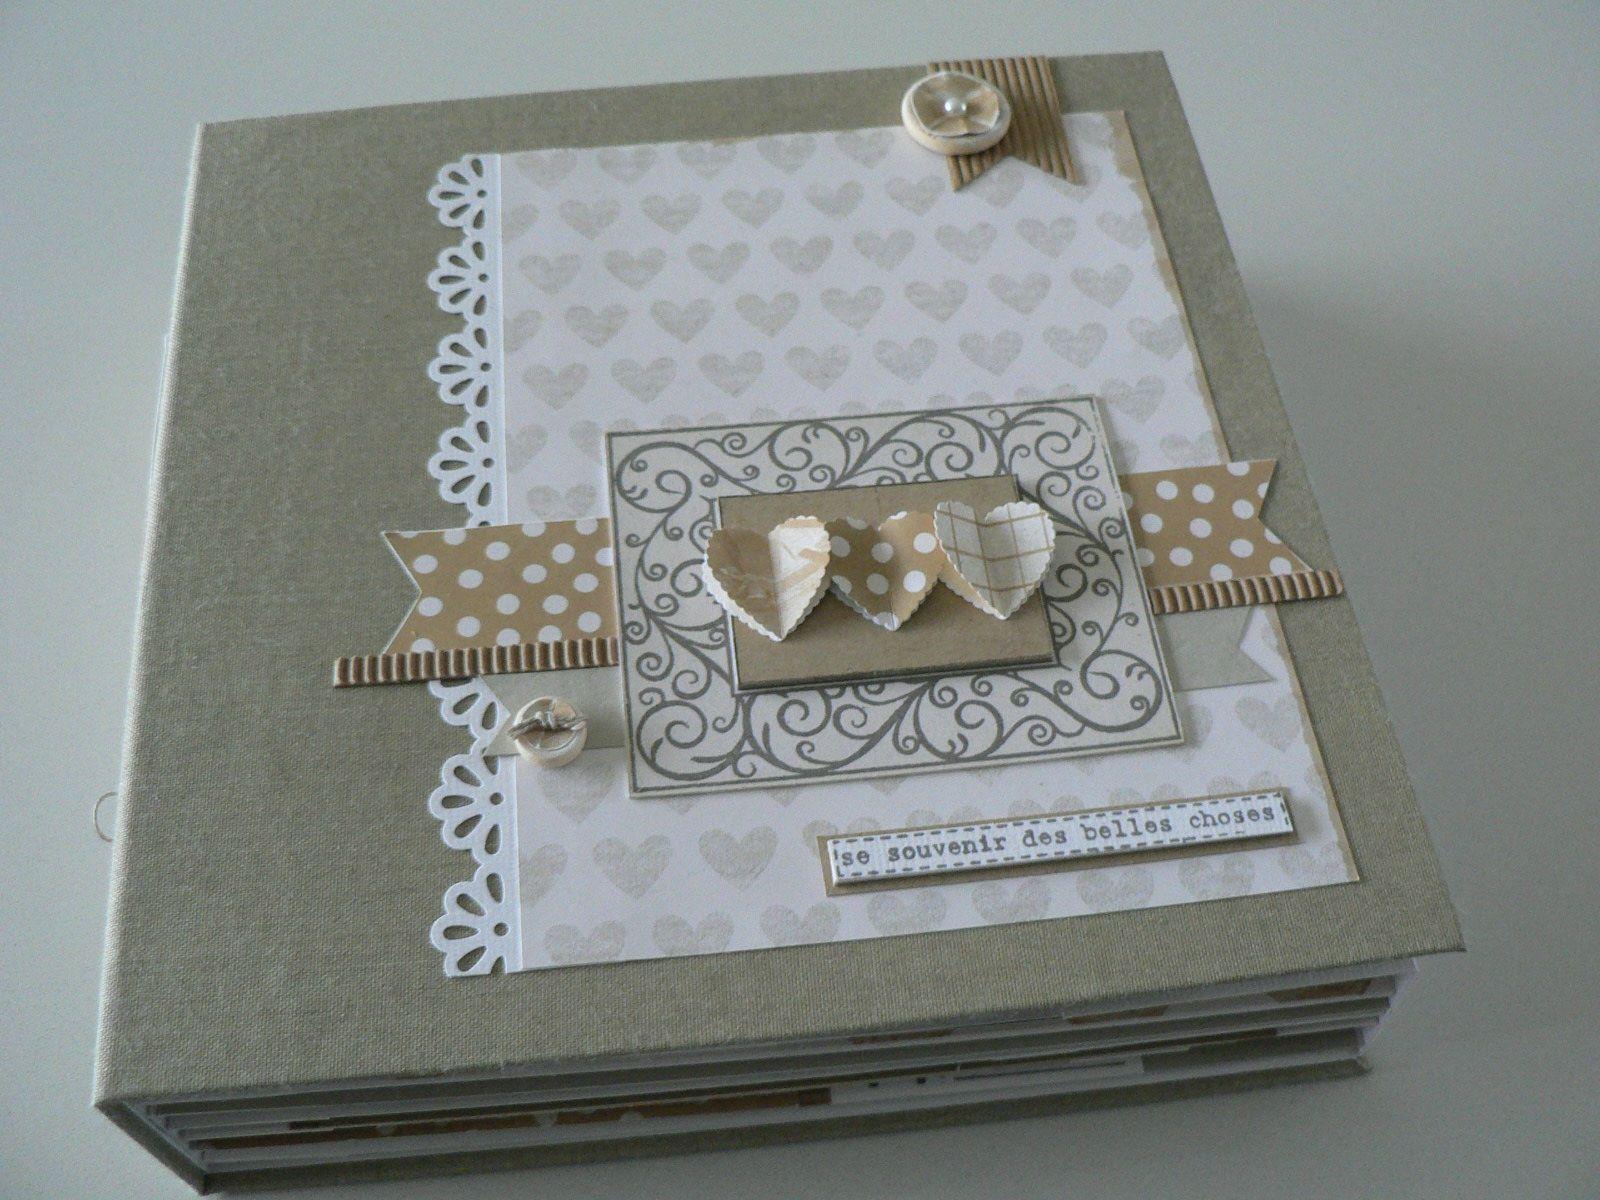 Album Tutoriales Scrap Hochzeitsalbum Fotoalbum Y Karte Hochzeit